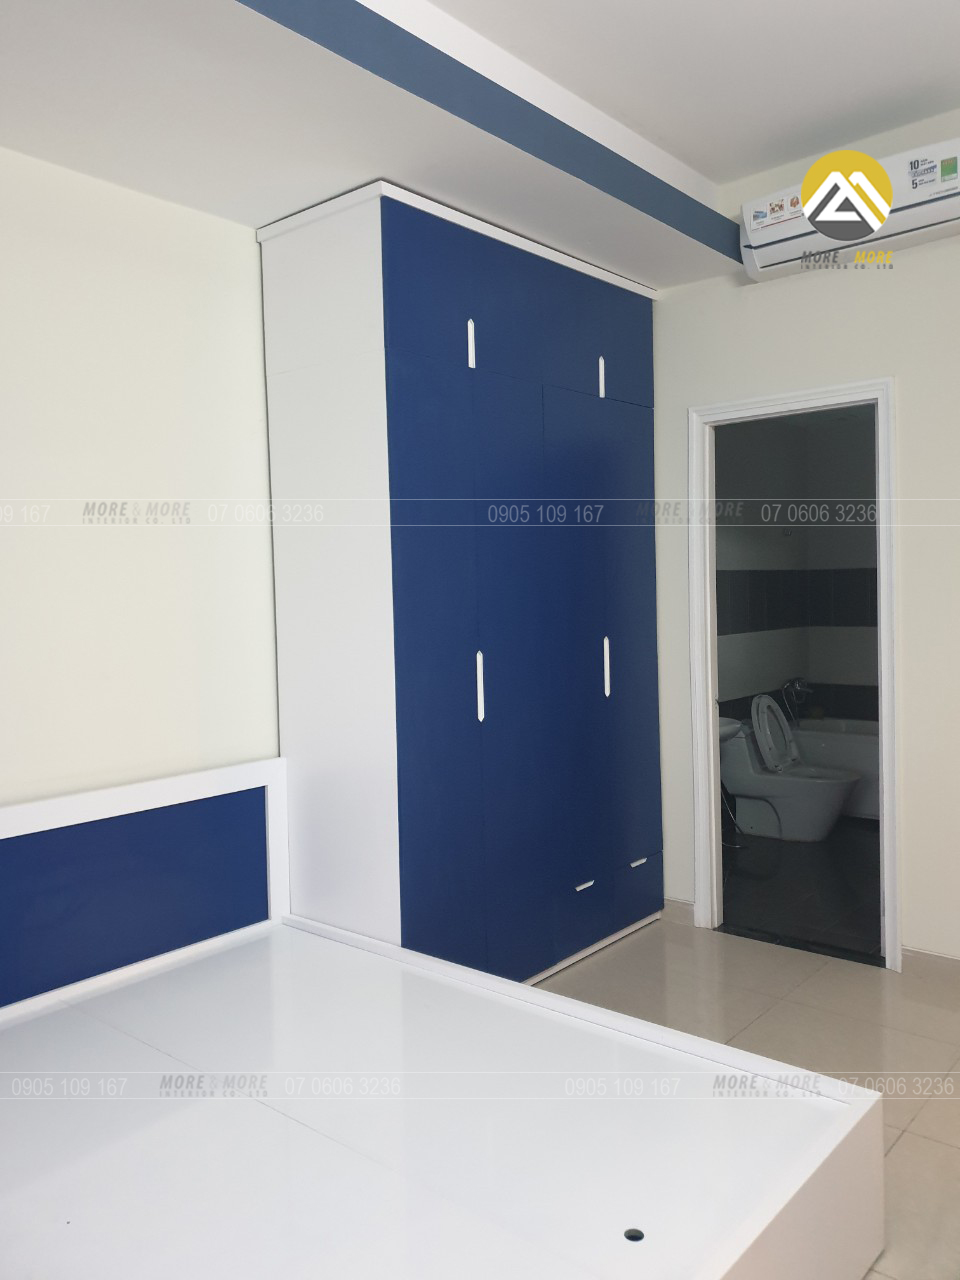 Thi công nội thất căn hộ chung cư tại Thủ Đức